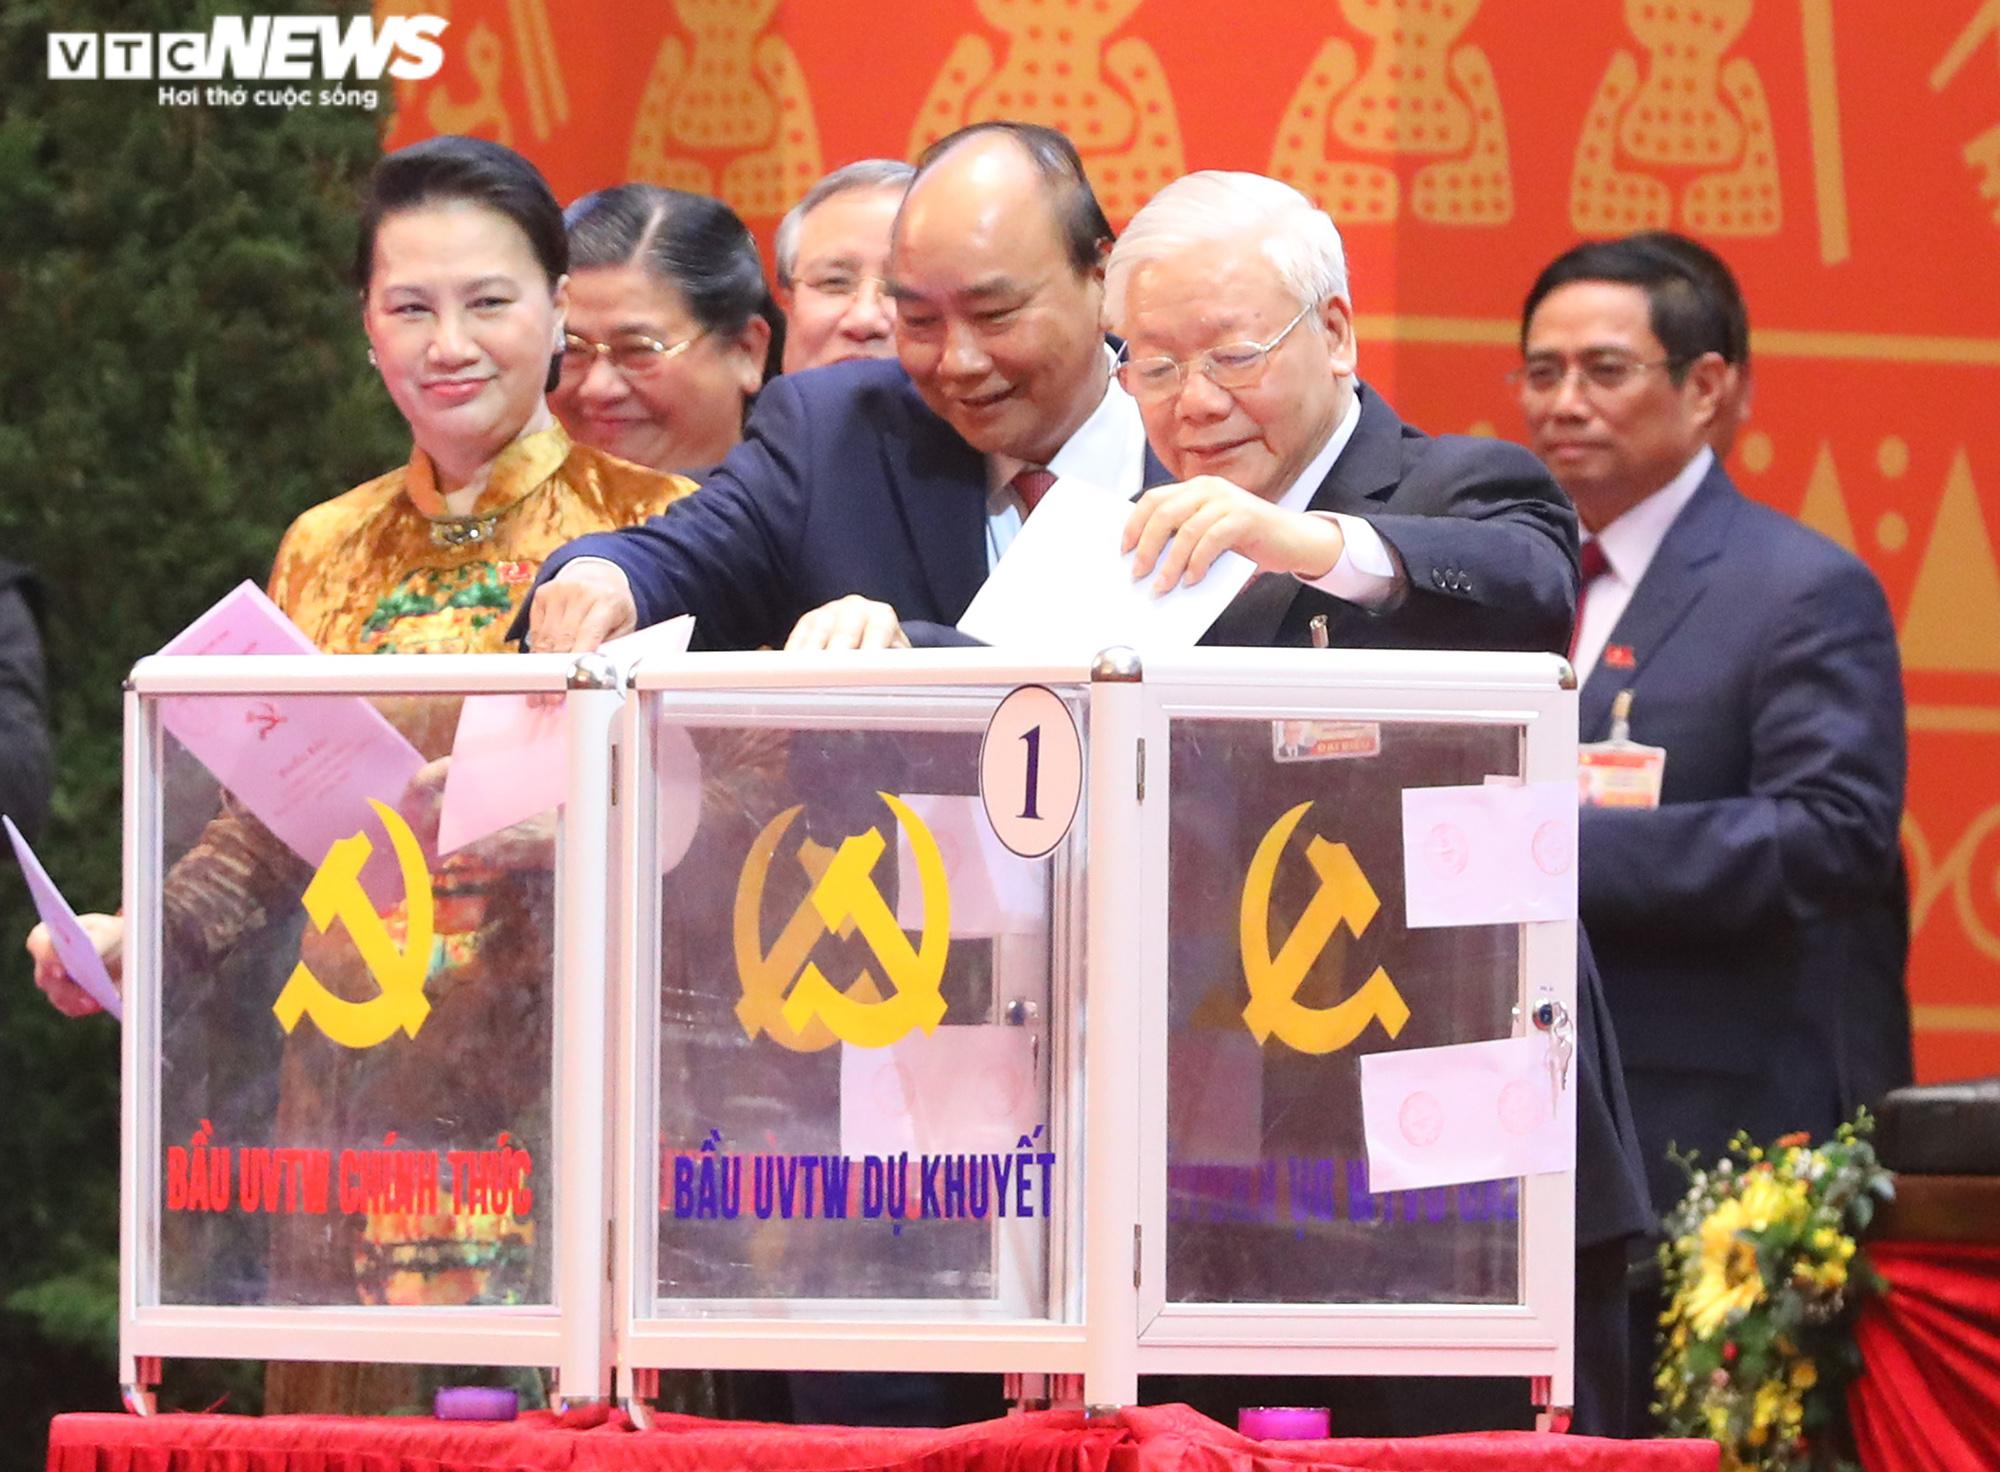 Ảnh: Bỏ phiếu bầu 200 Ủy viên Ban Chấp hành Trung ương khóa XIII - Ảnh 2.